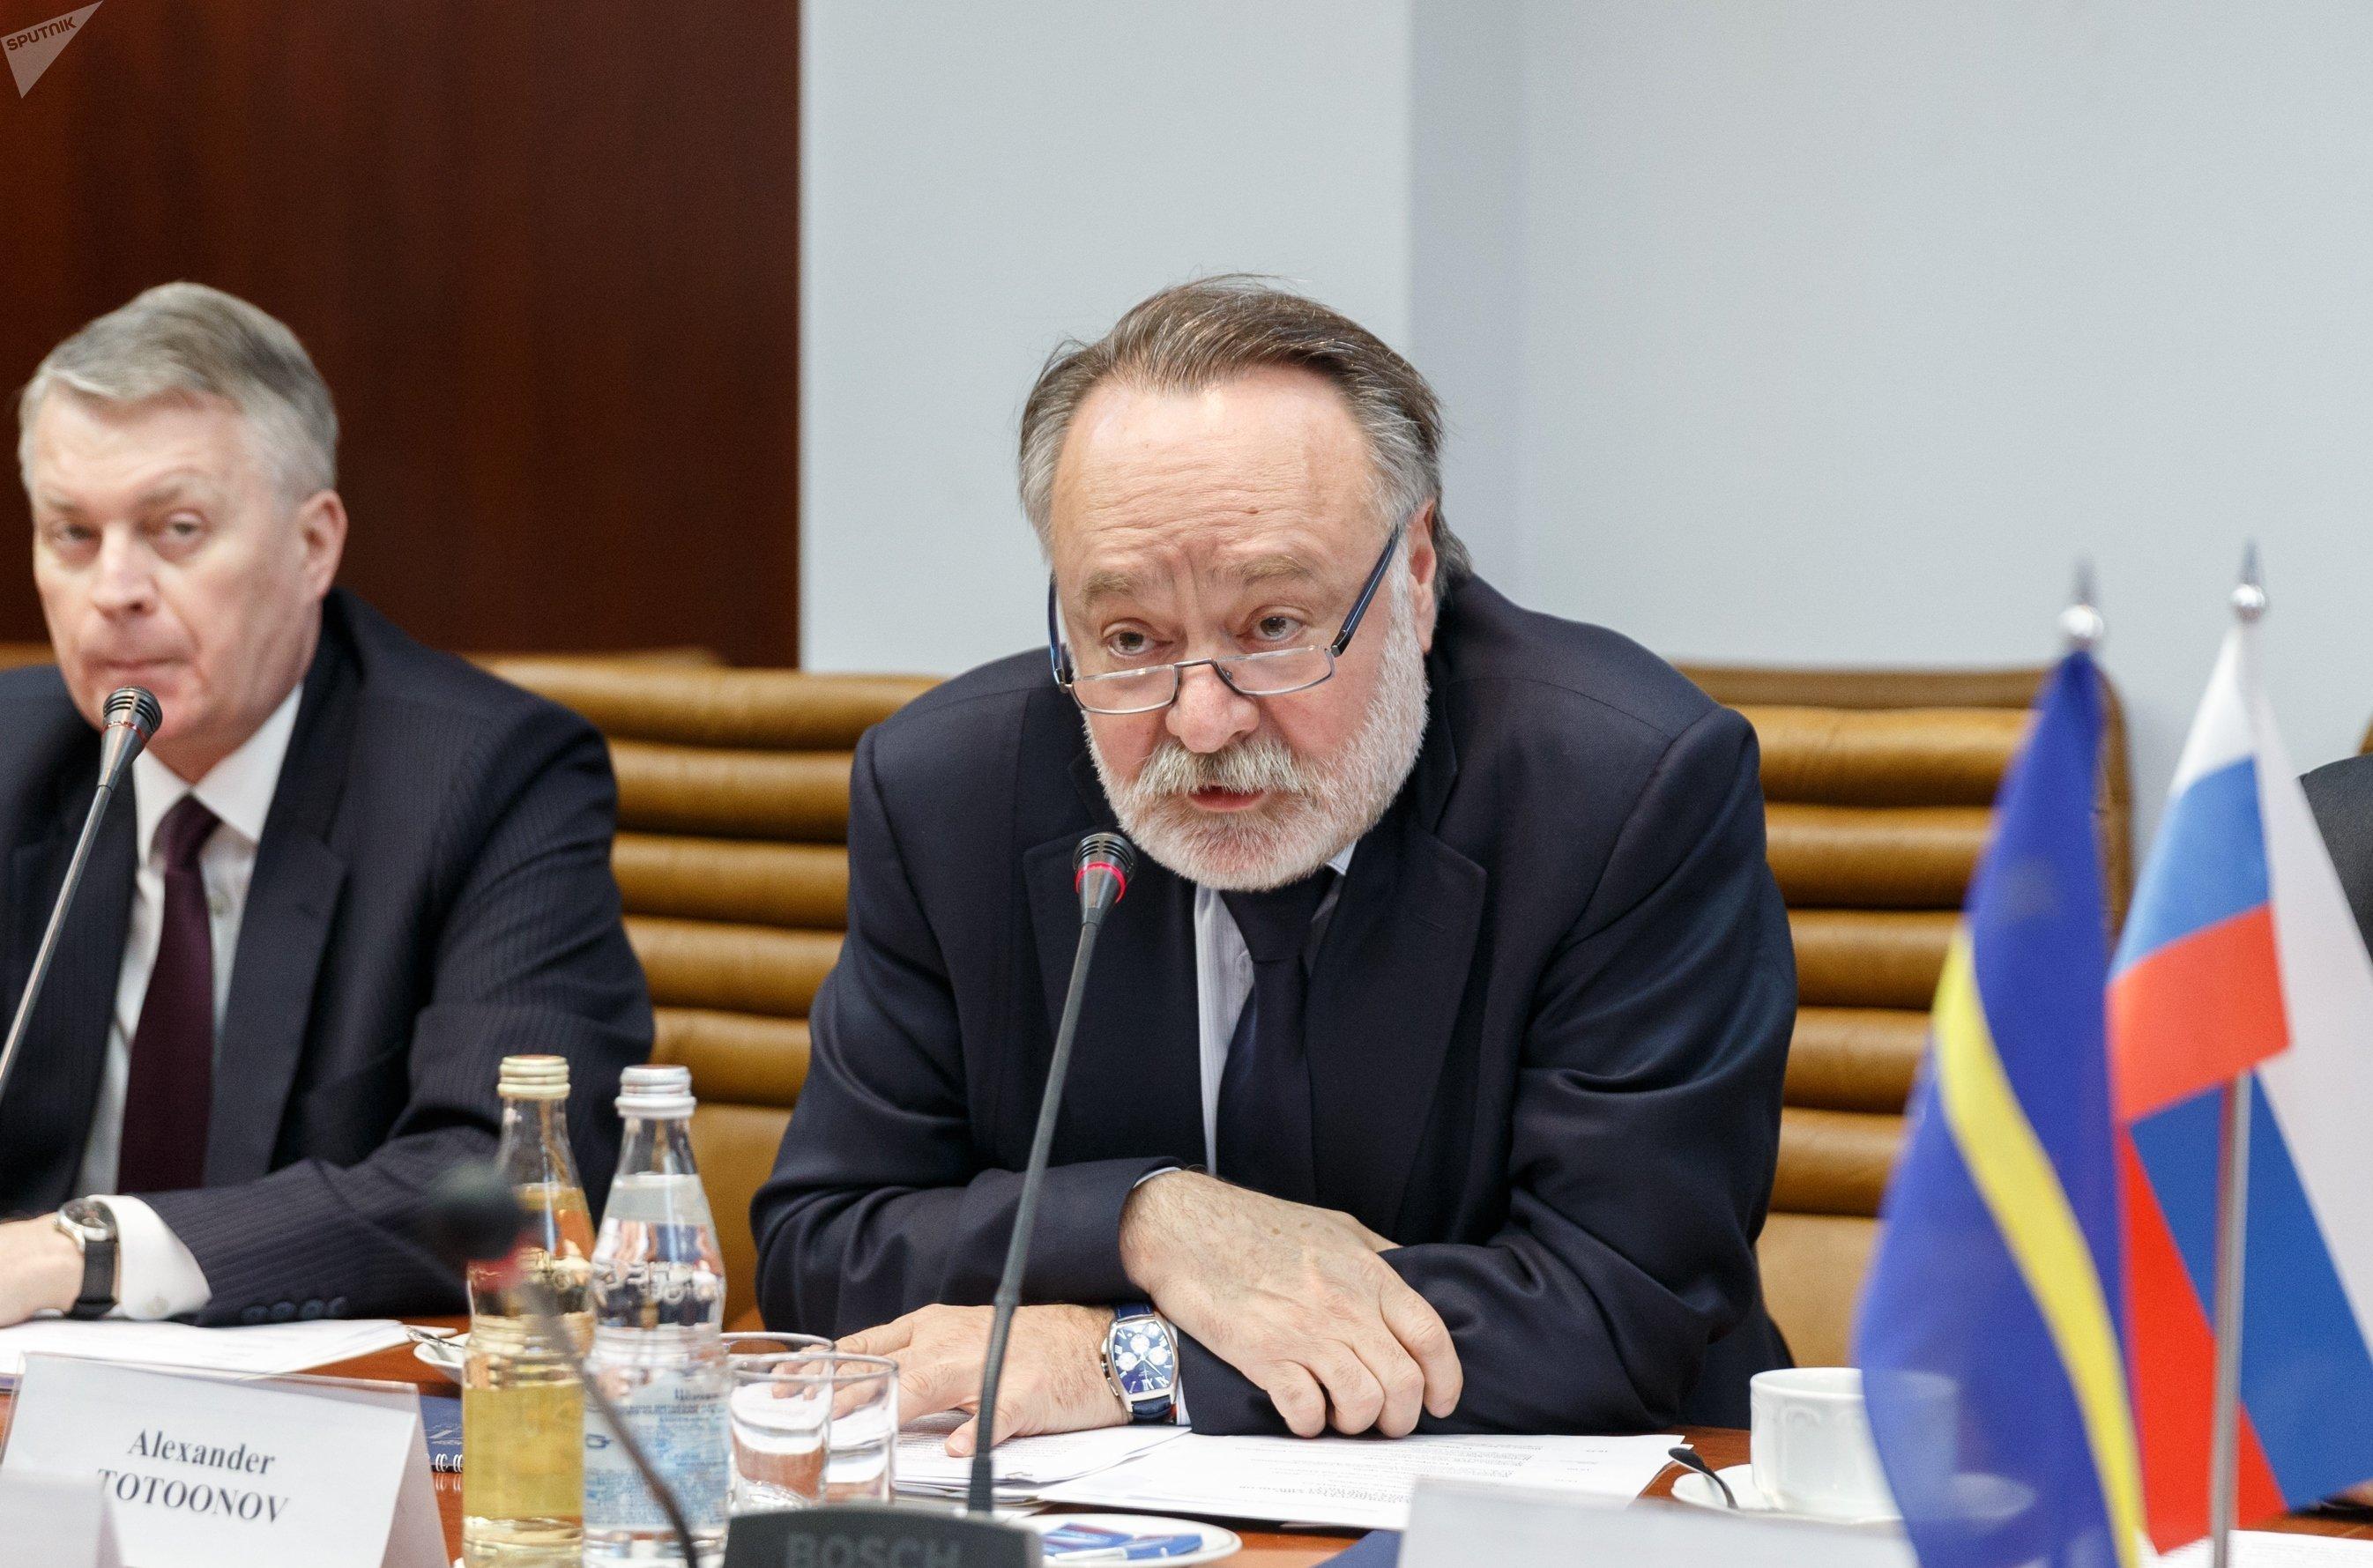 Александр Тотоонов